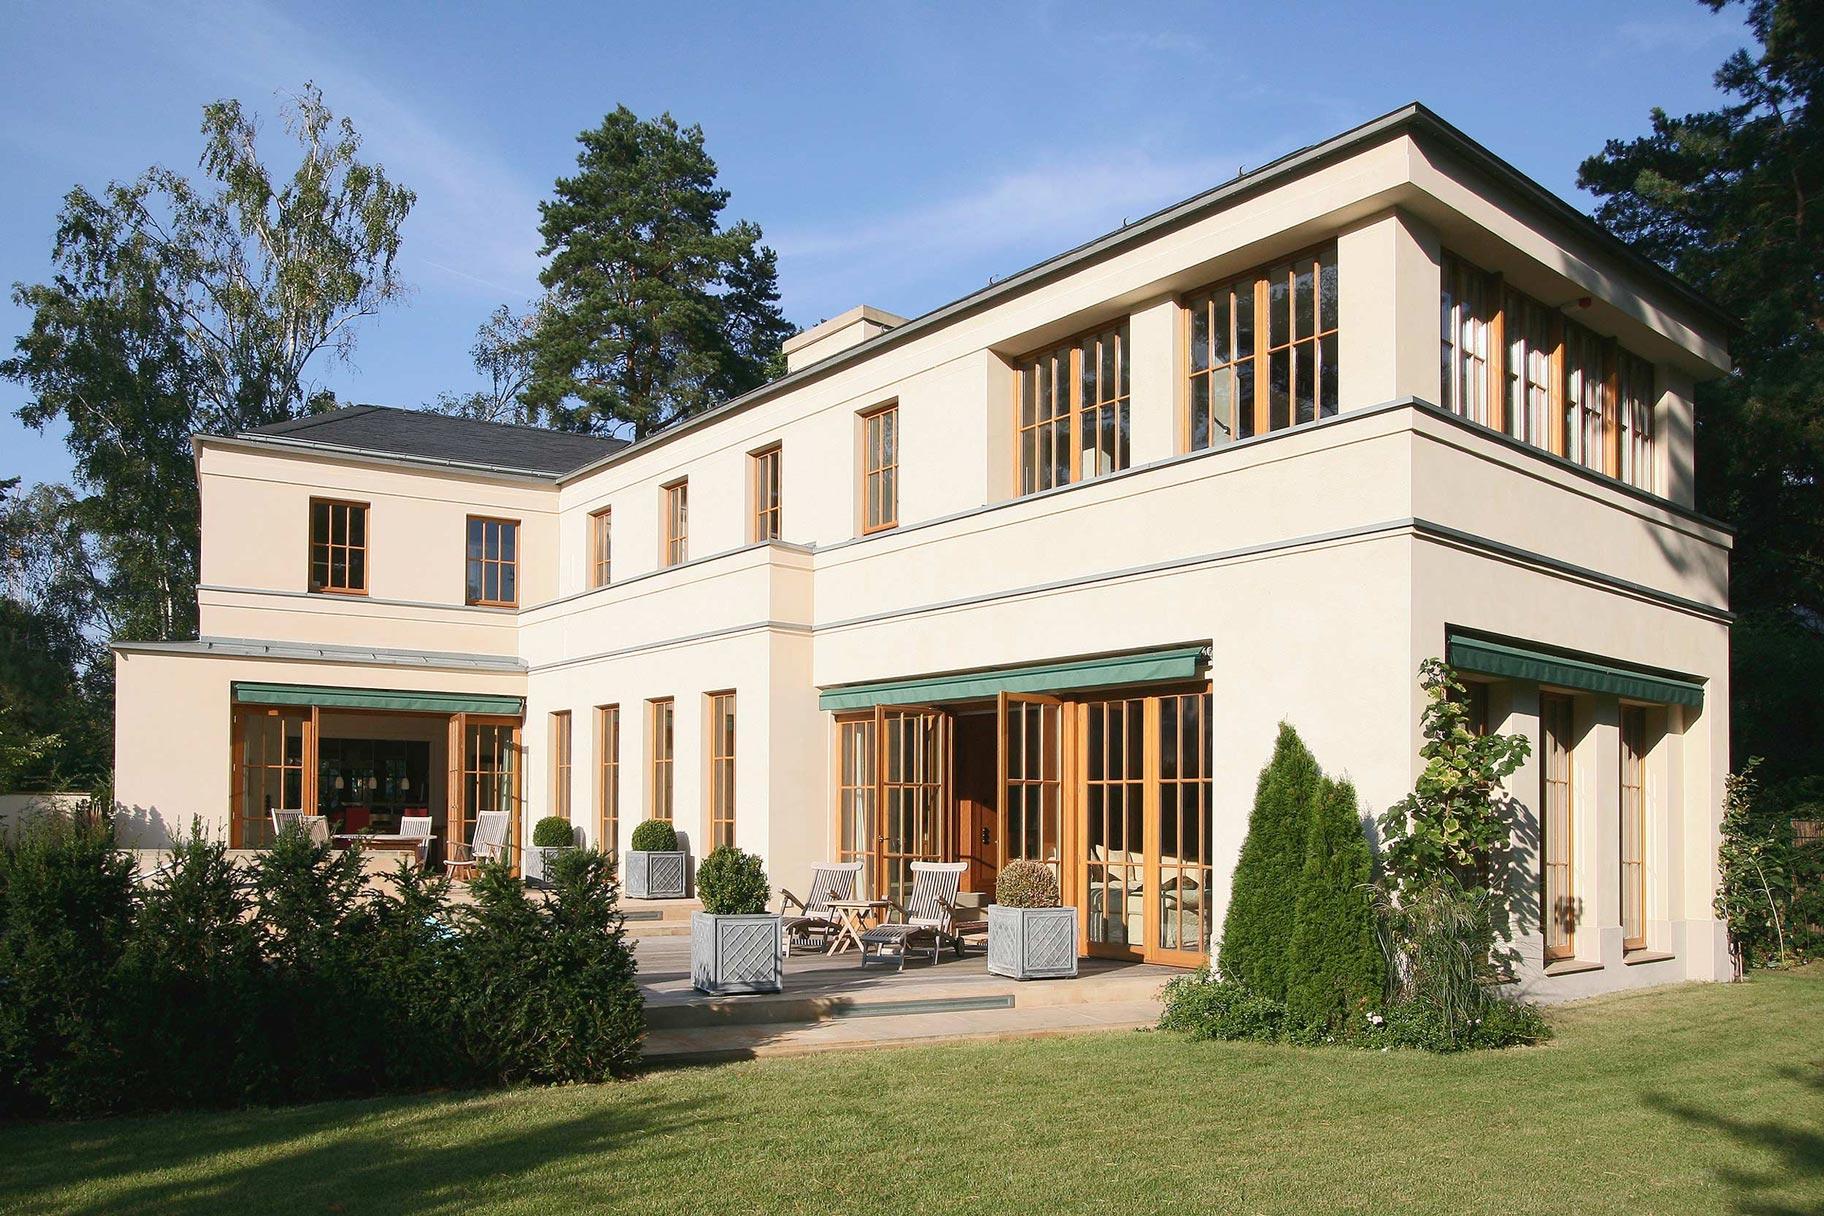 ENGLISH-INSPIRED – Domizil mit Landhausflair – Neubau einer Villa im englischen Landhausstil